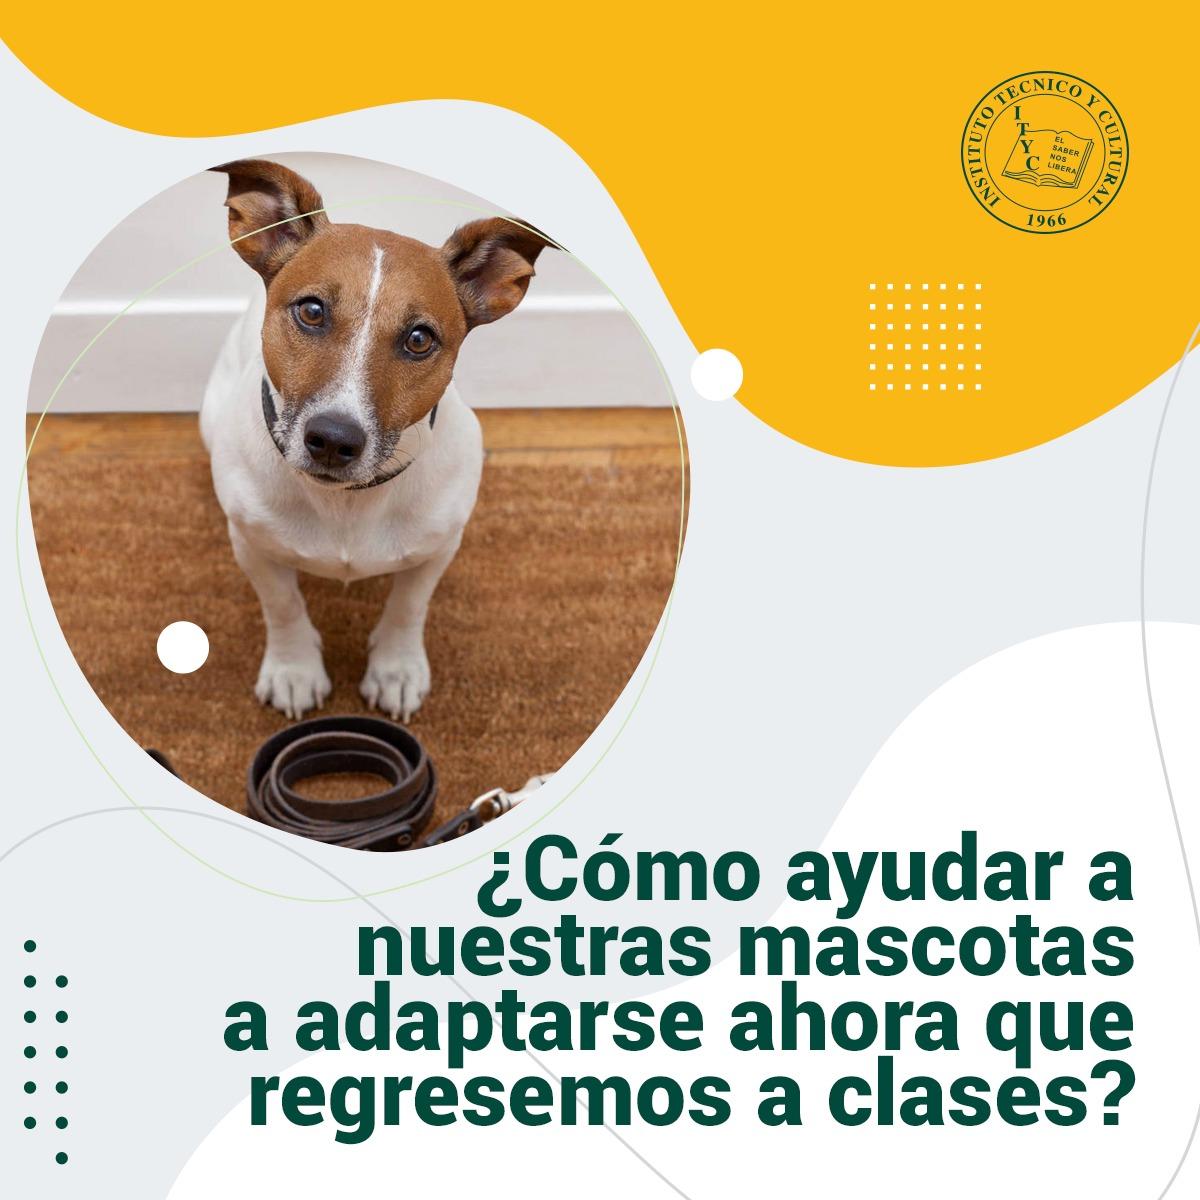 ¿Cómo ayudar a nuestras mascotas a adaptarse ahora que regresemos a clases?